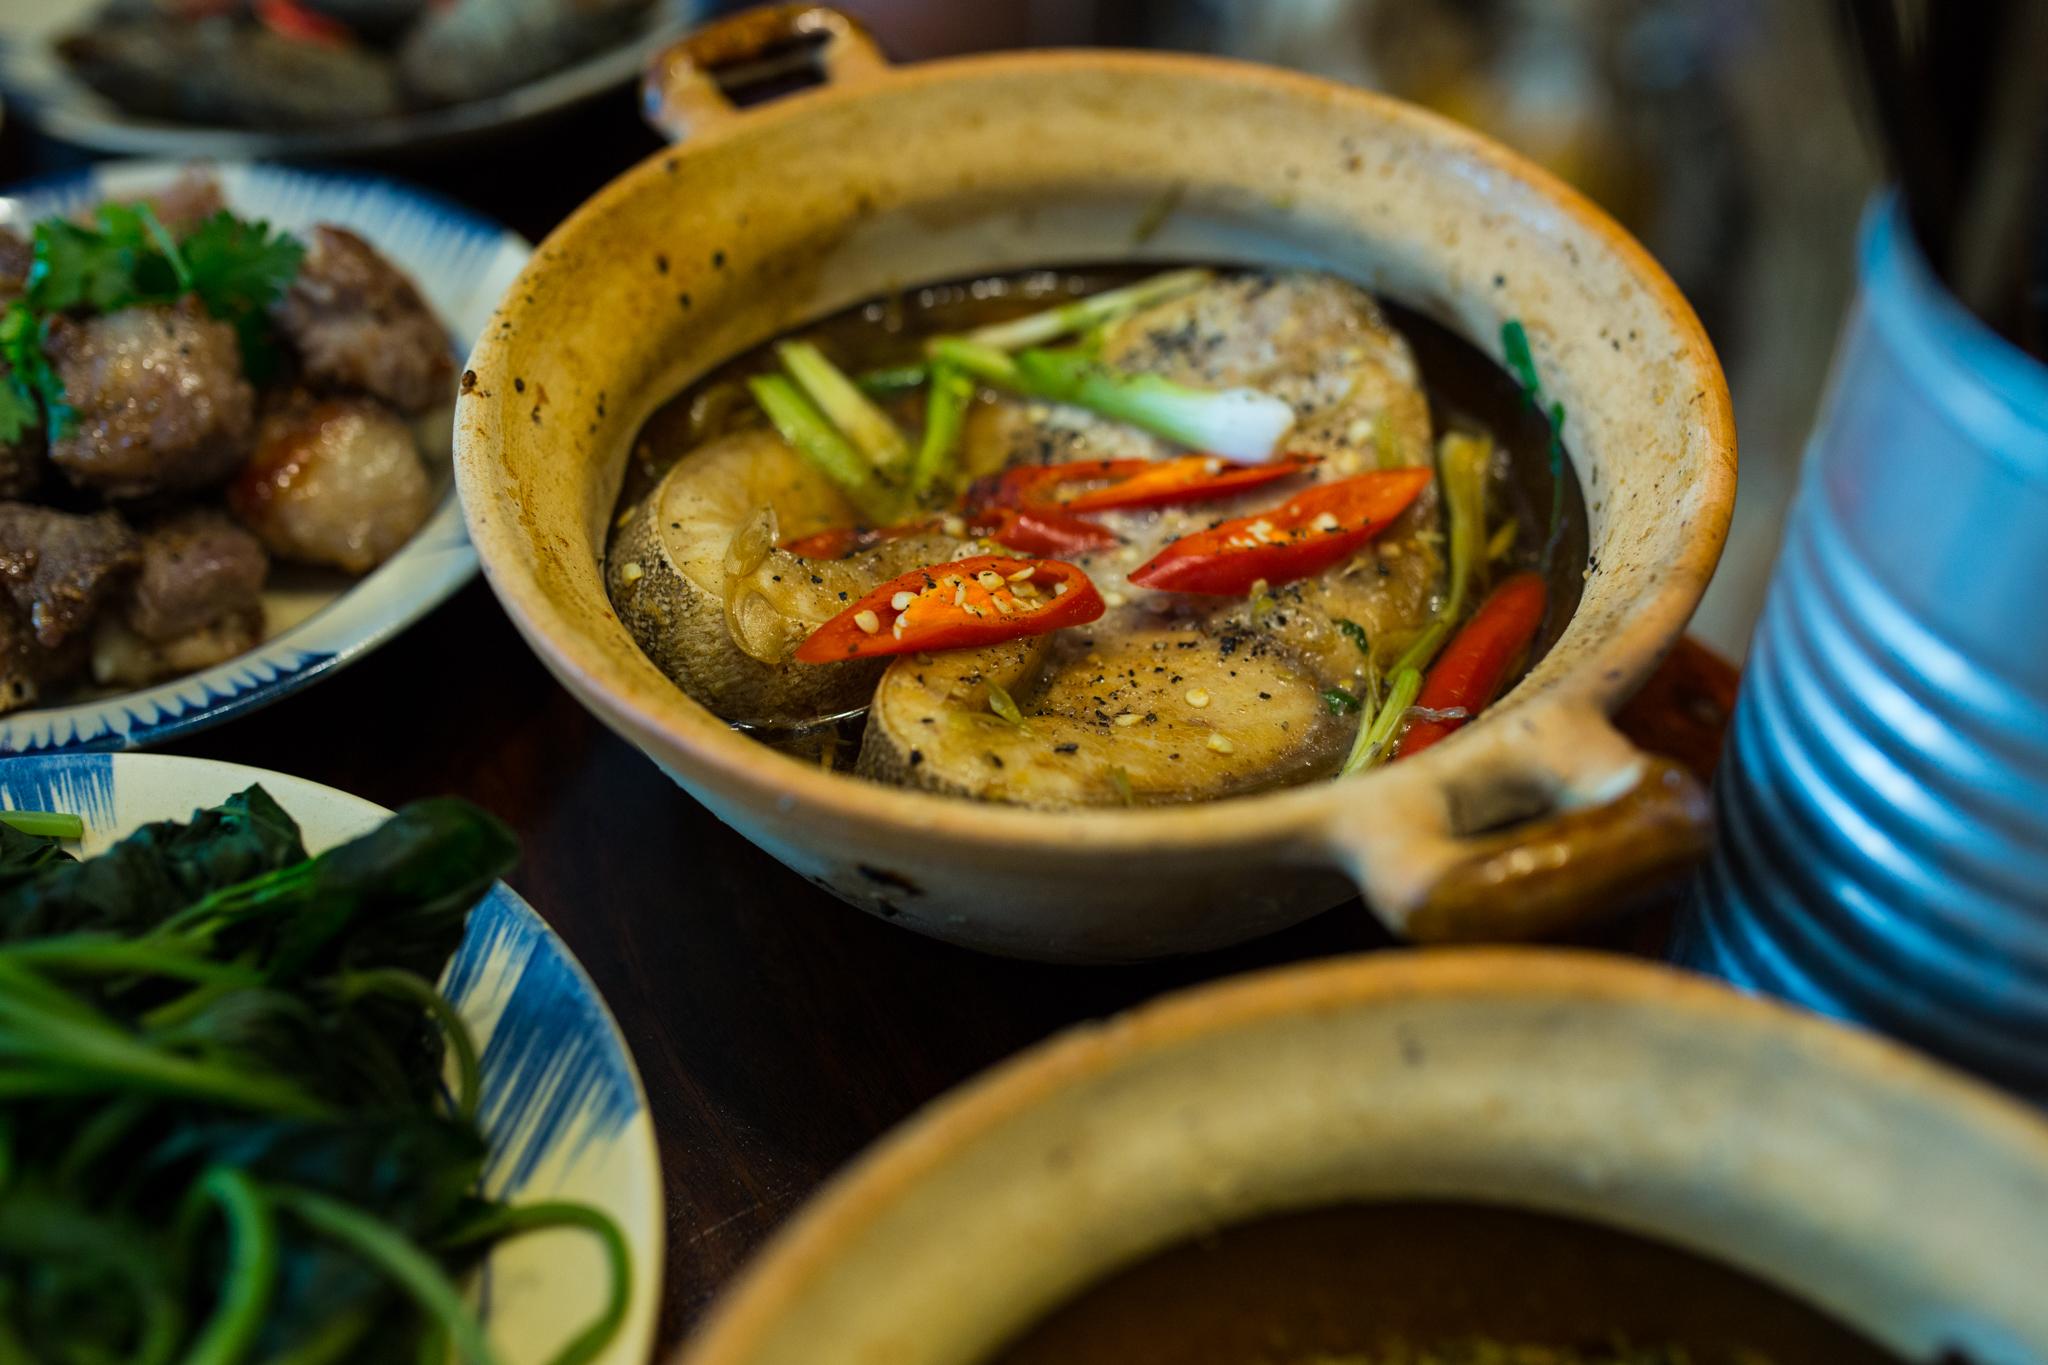 món ăn cơm nhà 1989 quán cơm ngon ở Quy Nhơn